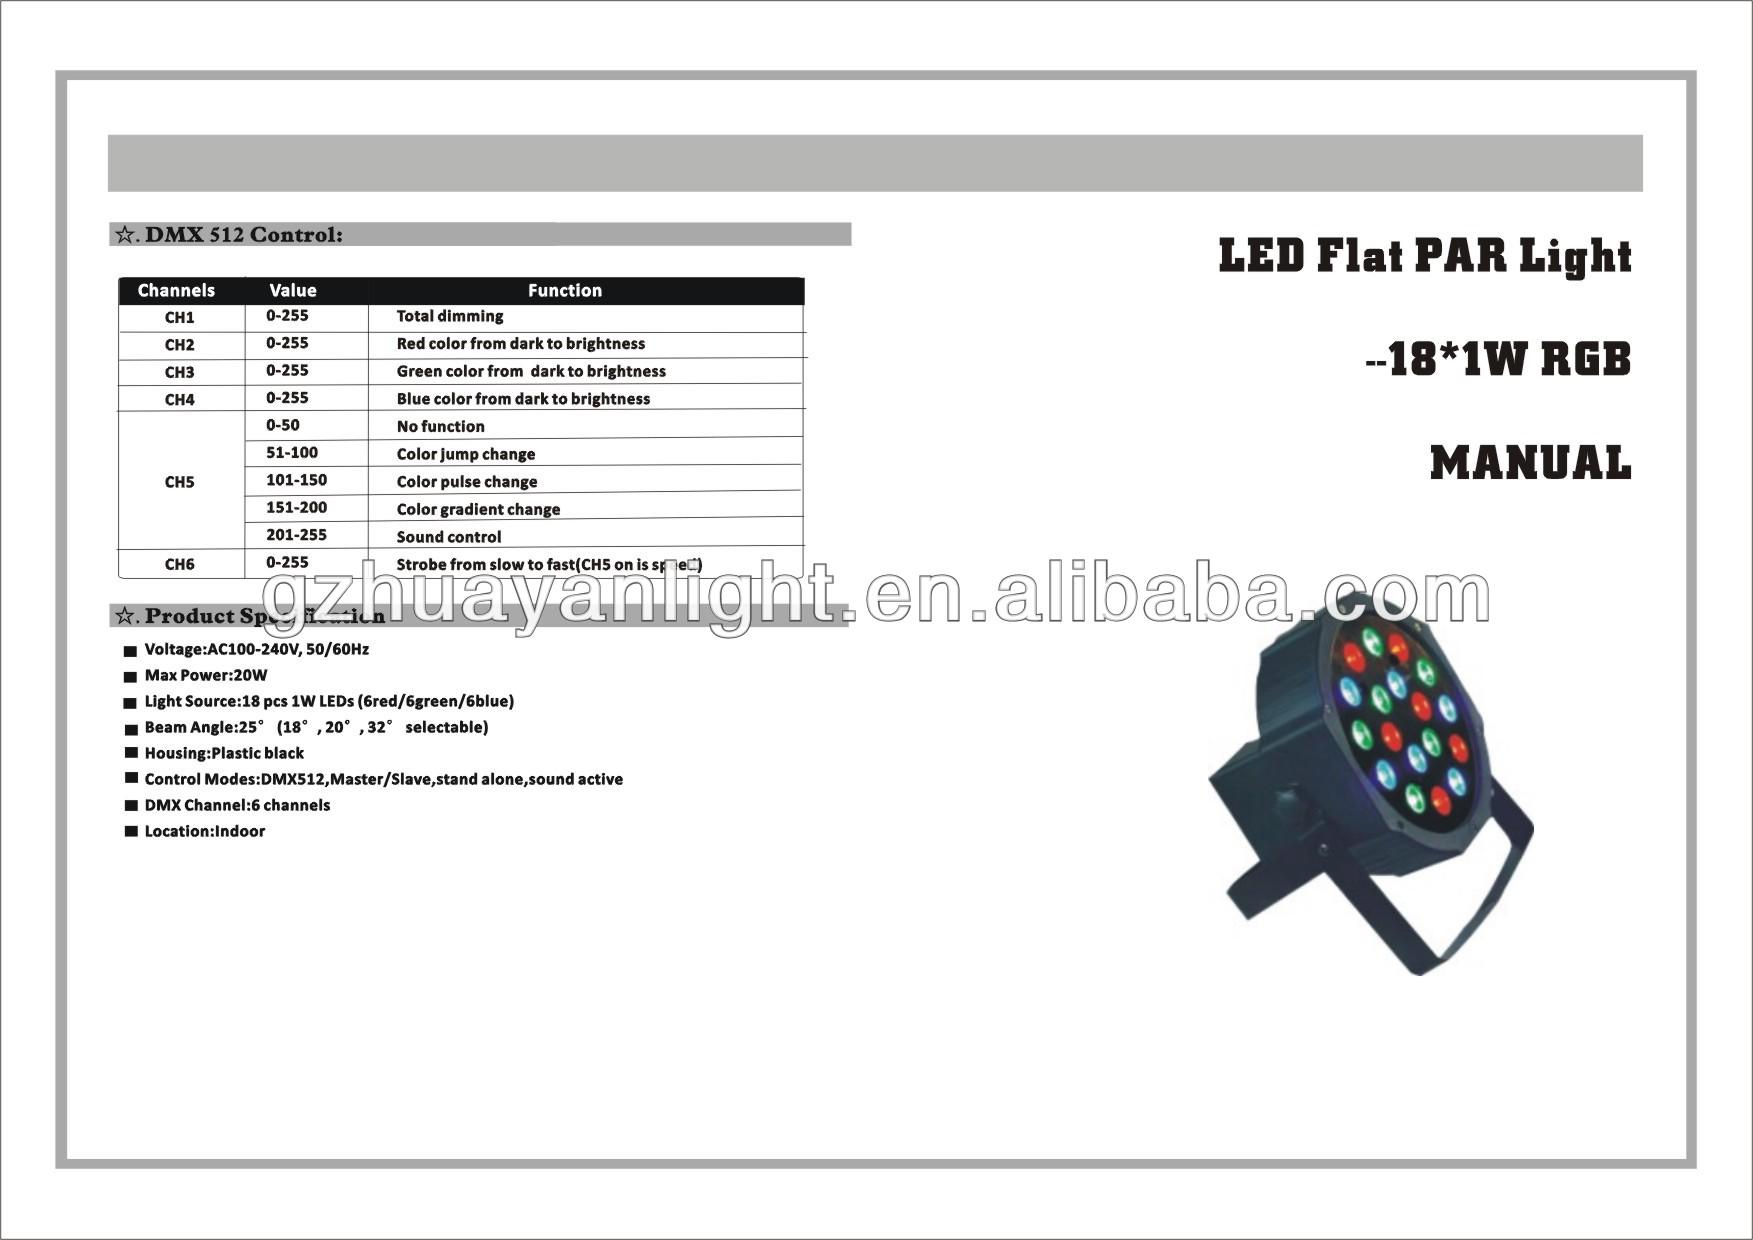 LED PAR 18 PCS 1W Flat Par Light 27.27usd/pcs Only, View